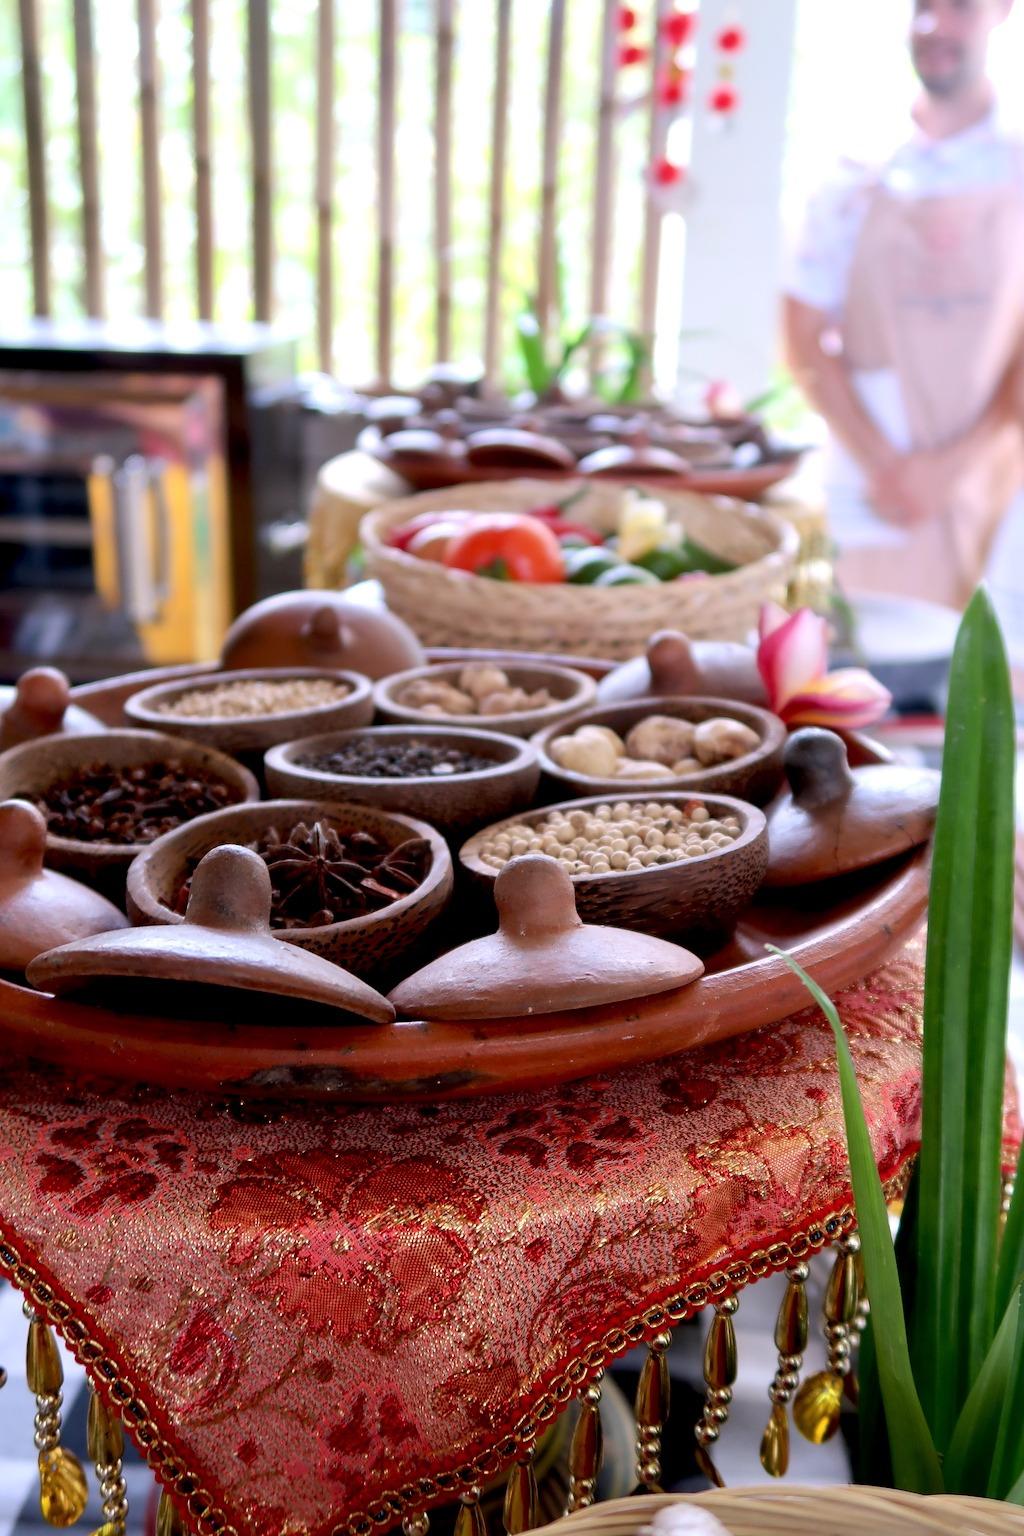 Indonesische kruiden kookworkshop